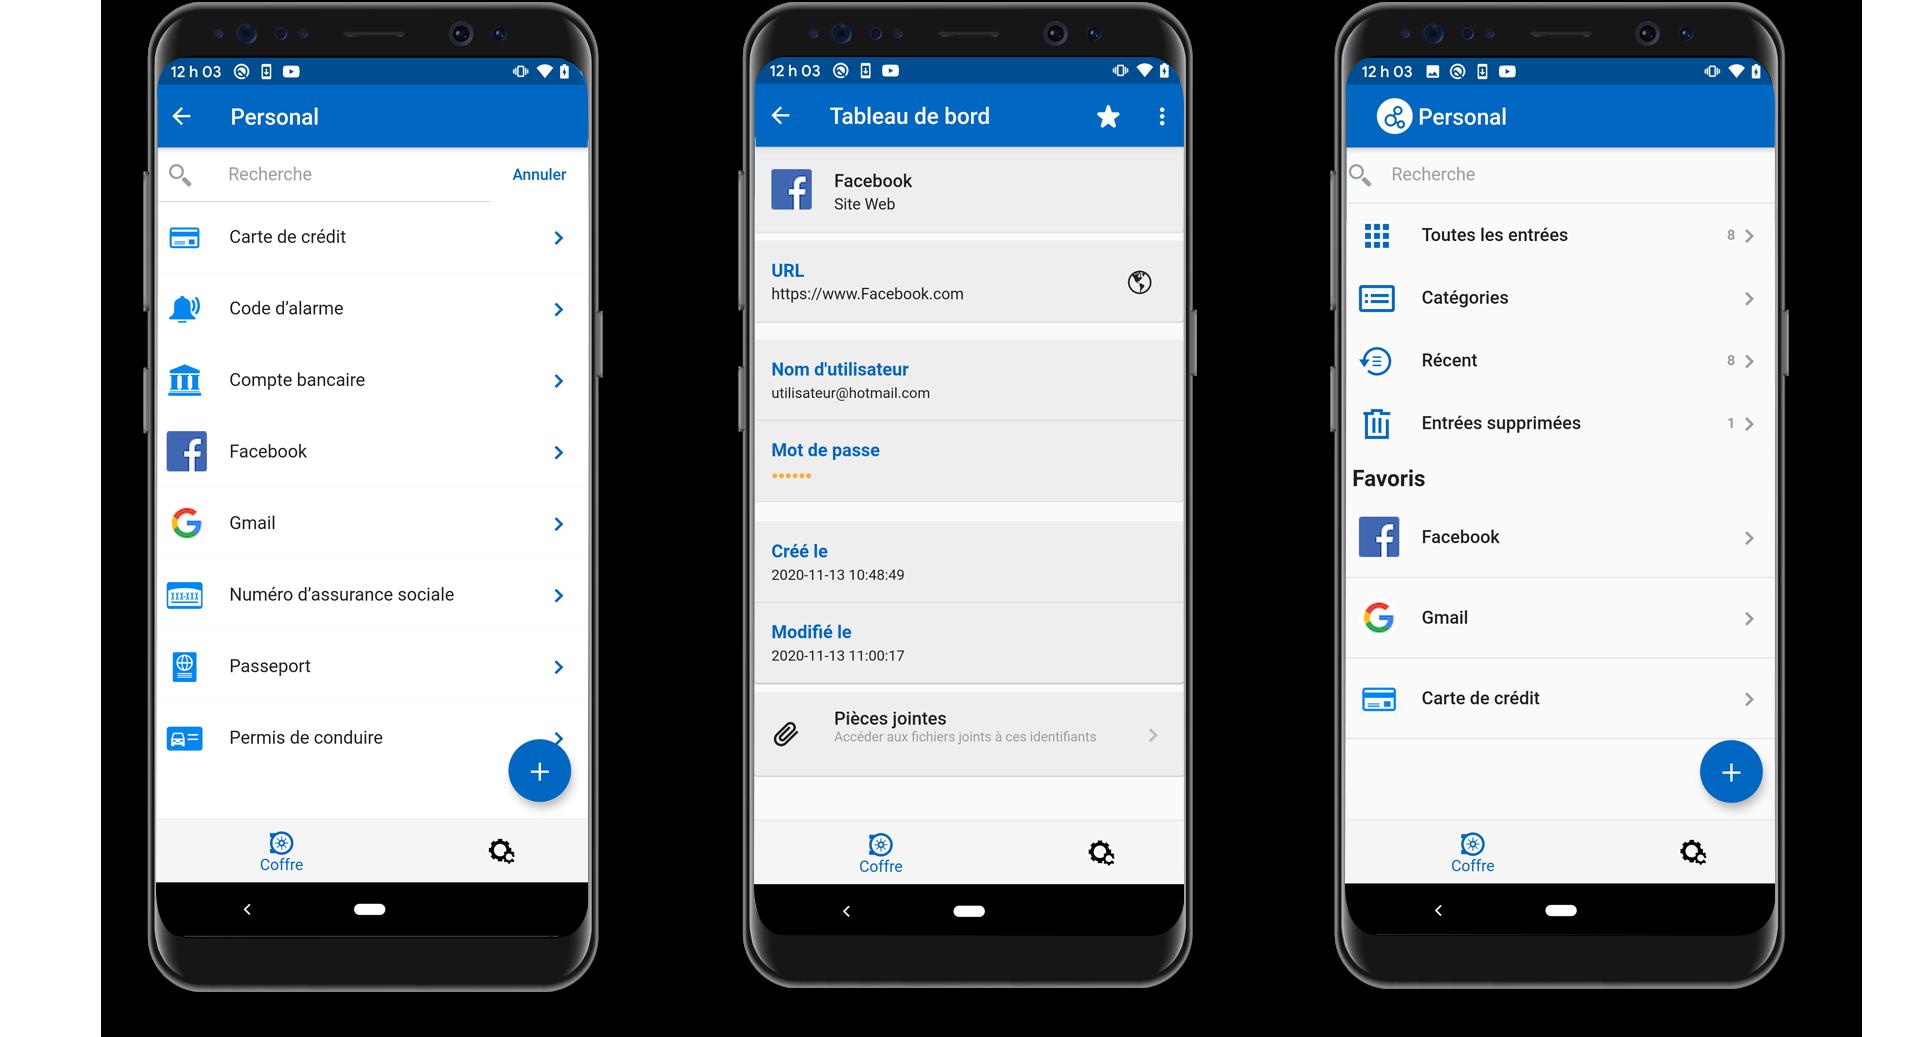 Gérez vos mots de passe personnels et données sensibles depuis votre appareil Android - Password Hub Personal